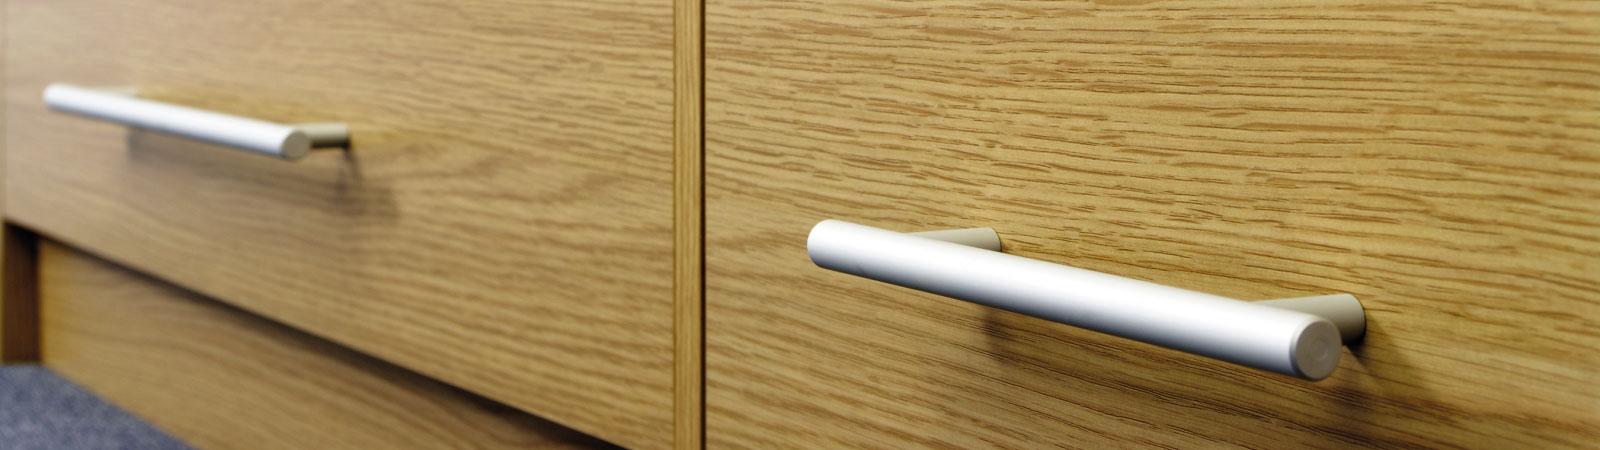 indoor-furniture-flatpack-assebly-service